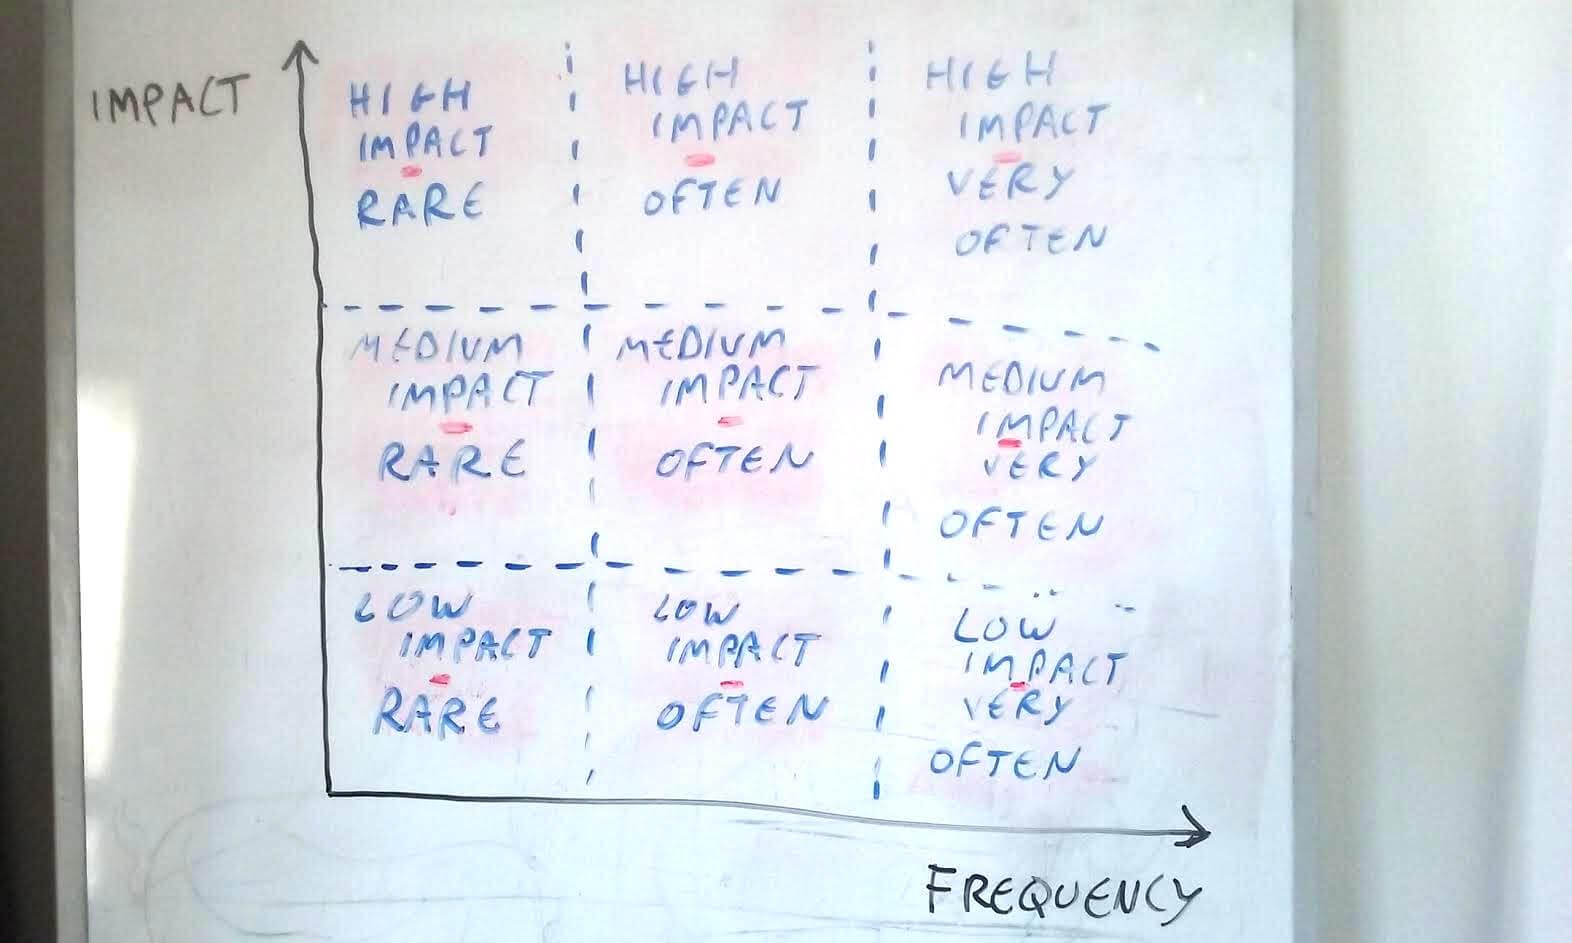 Retrospective matrix